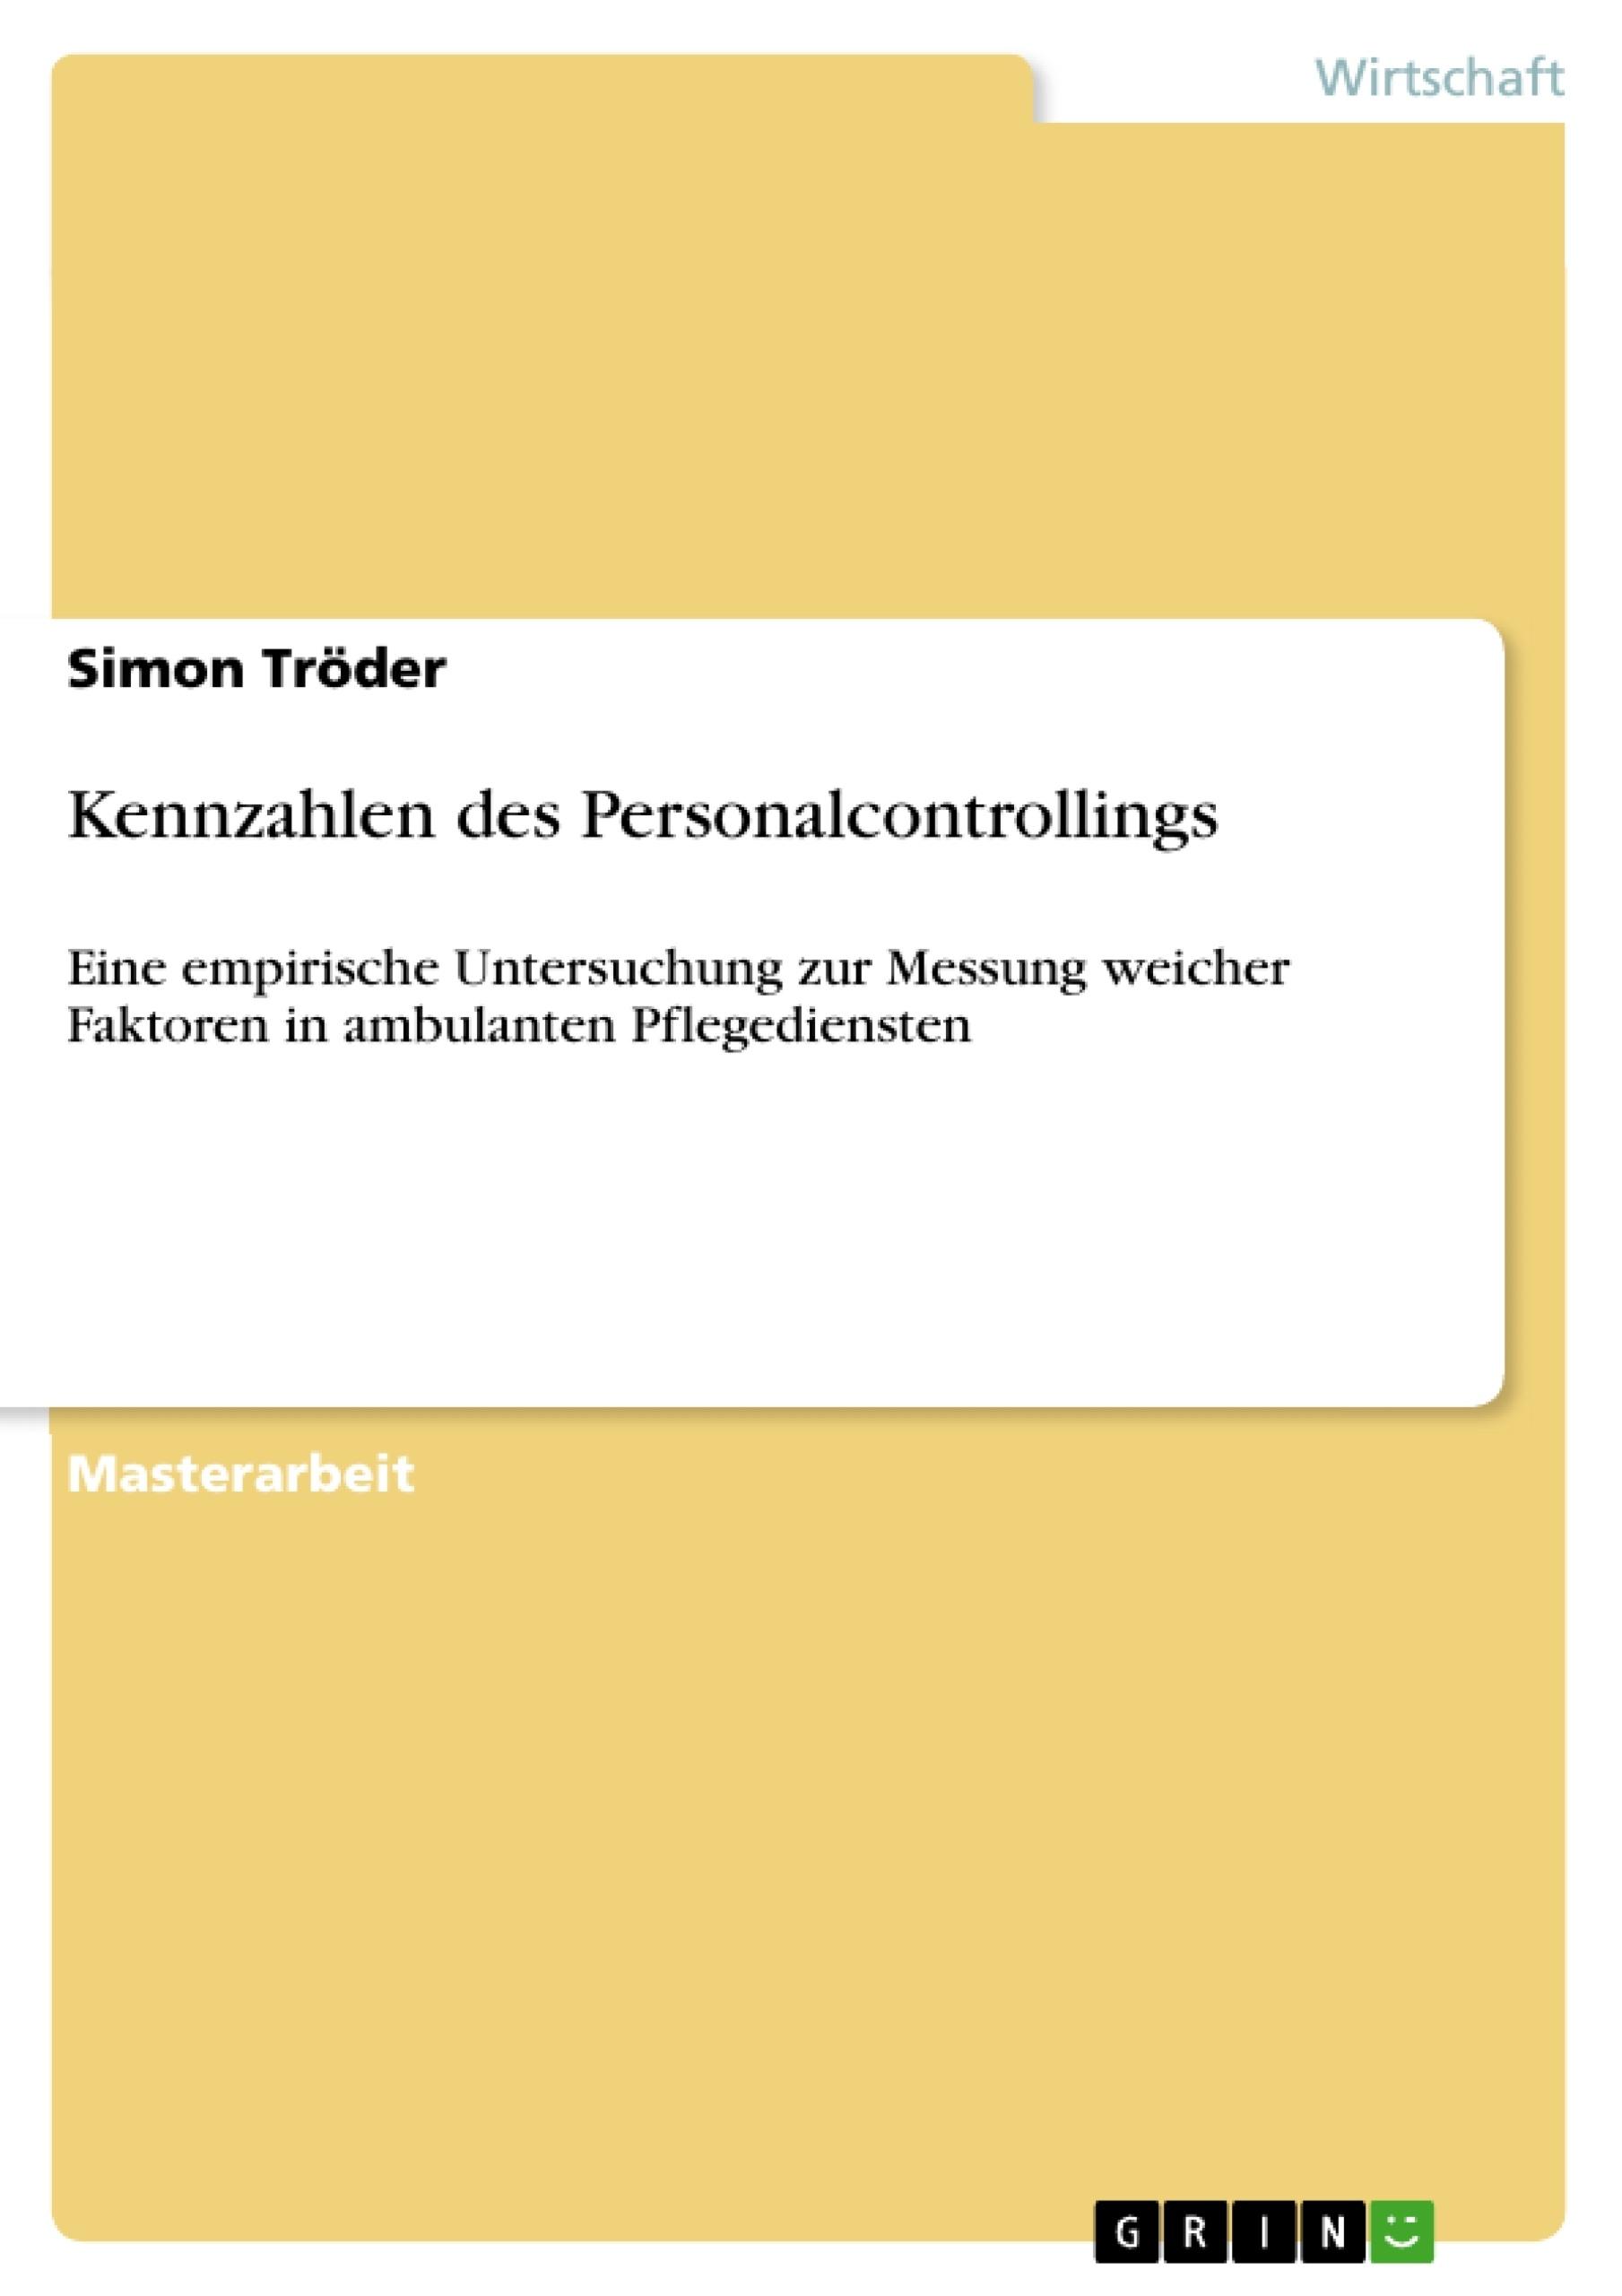 Titel: Kennzahlen des Personalcontrollings